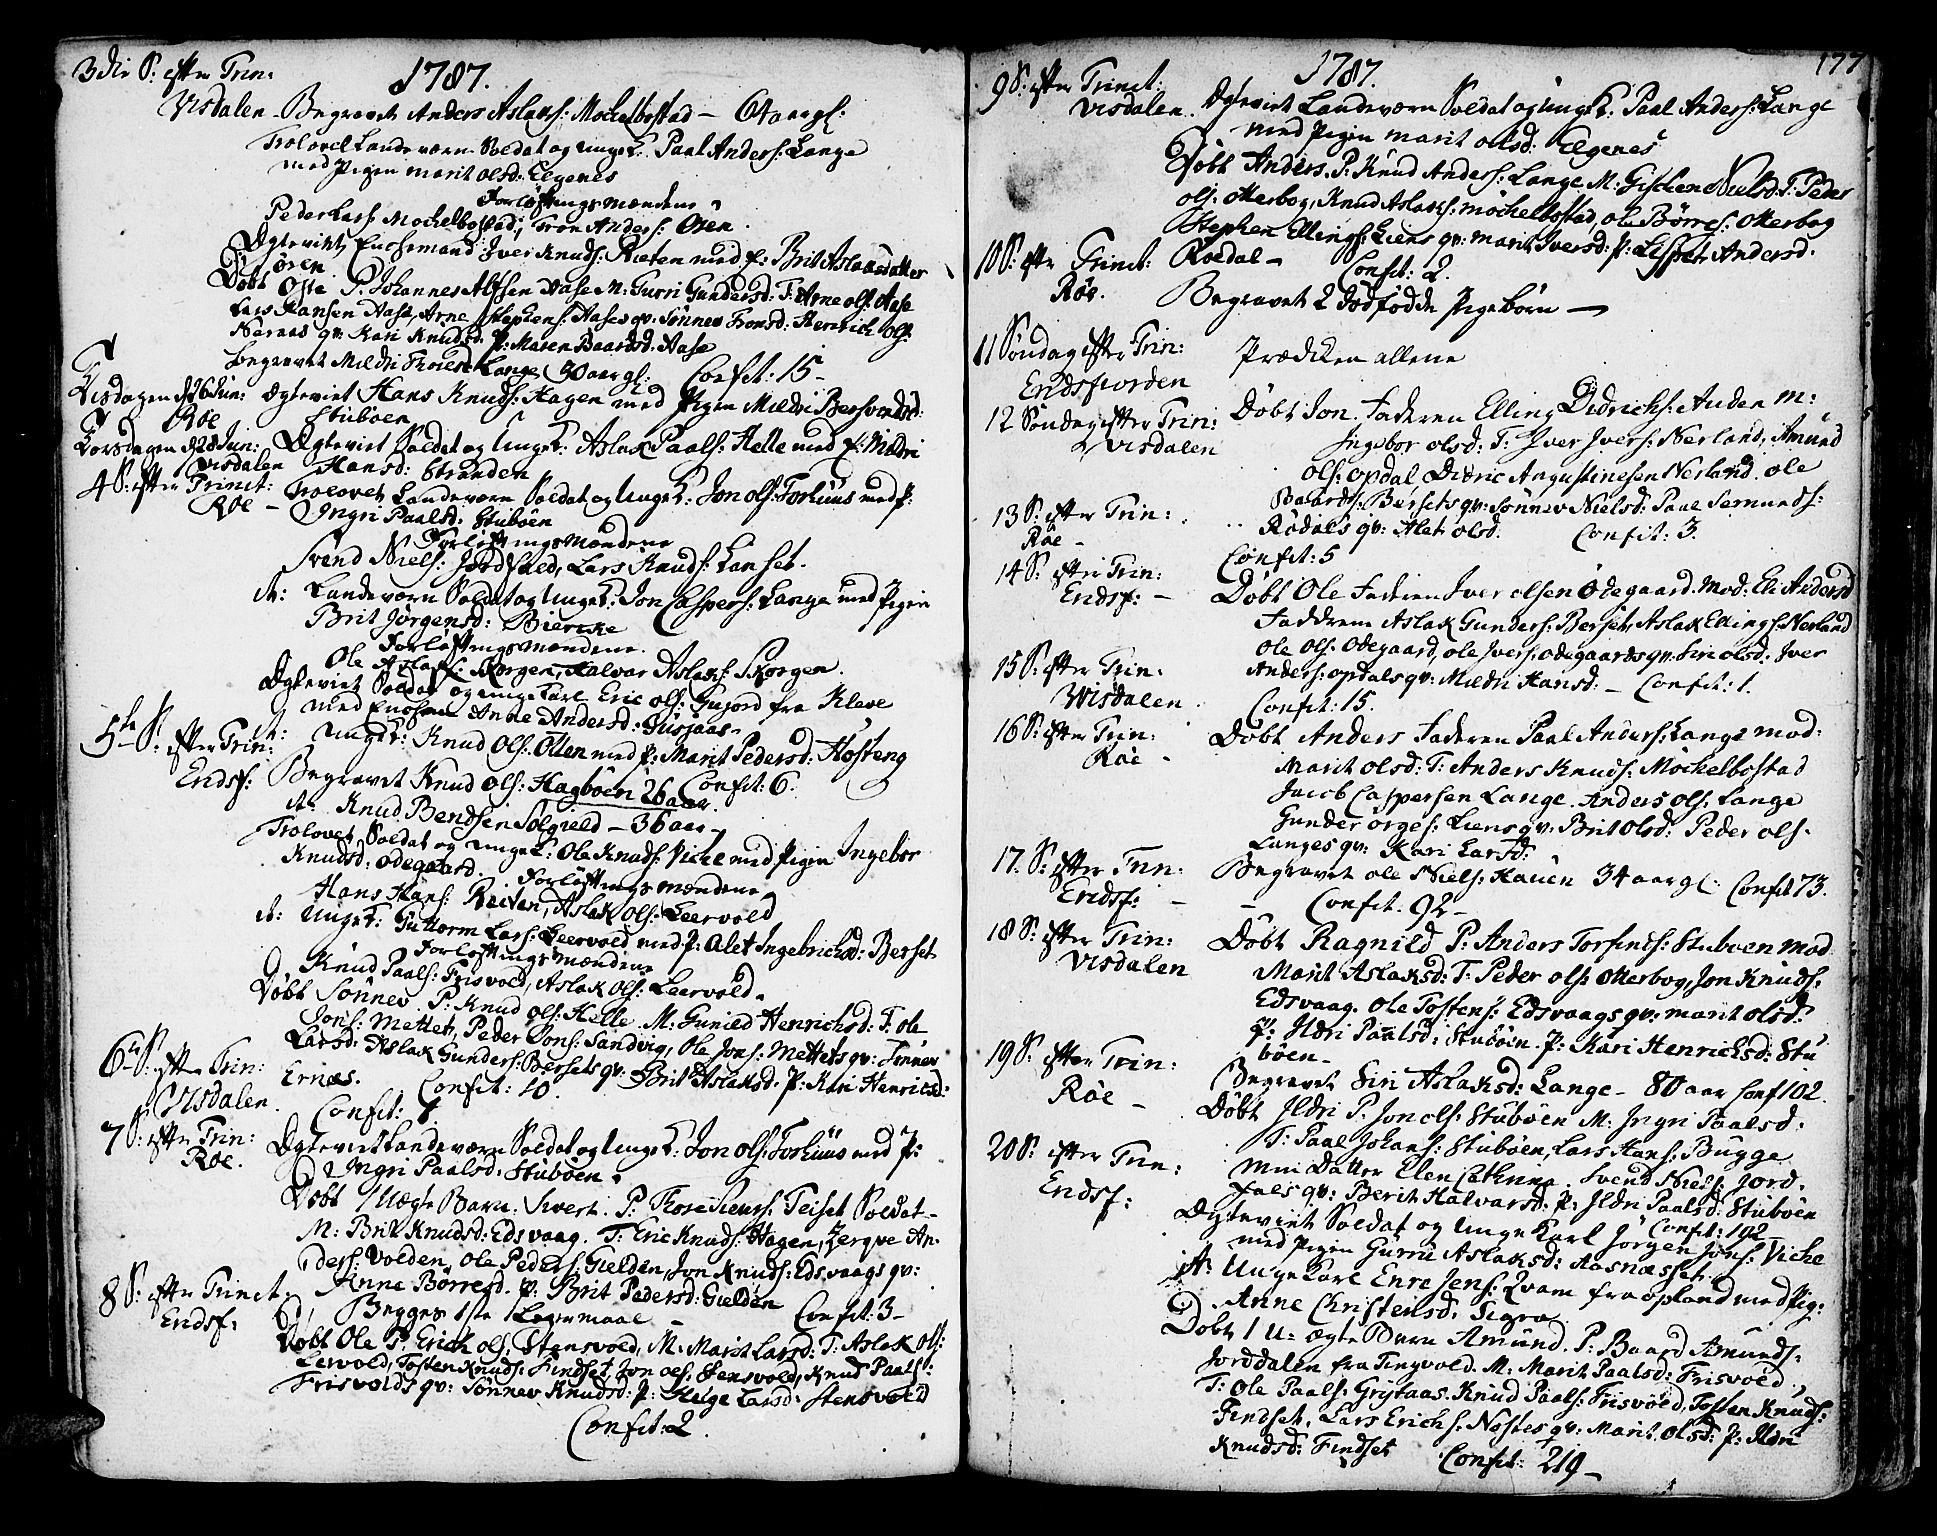 SAT, Ministerialprotokoller, klokkerbøker og fødselsregistre - Møre og Romsdal, 551/L0621: Ministerialbok nr. 551A01, 1757-1803, s. 177